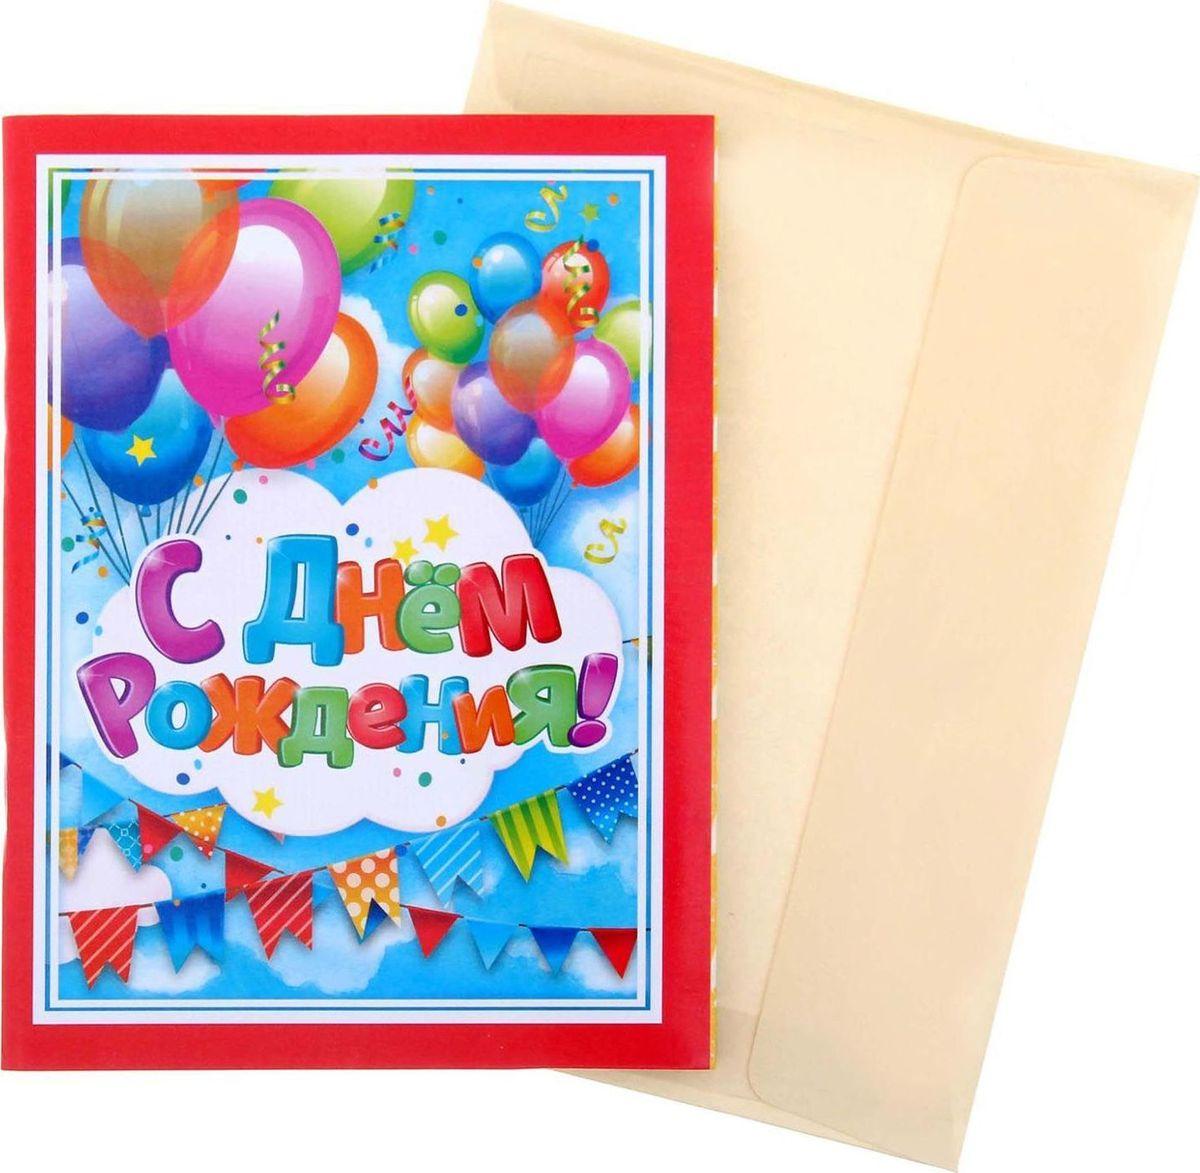 Блокнот-открытка С днем рождения 32 листа1104983Блокнот-открытка С днем рождения!, сочетает в себе красоту и практичность. Он содержит приятные пожелания от близких людей, а 32 дизайнерских листа с бархатной фактурой подарят отличное настроение владельцу. В отличие от обычной открытки, которая будет пылиться в шкафу, блокнотом приятно пользоваться! Изделие дополнено универсальным конвертом, подпишите его и вручите сувенир адресату на любой праздник.